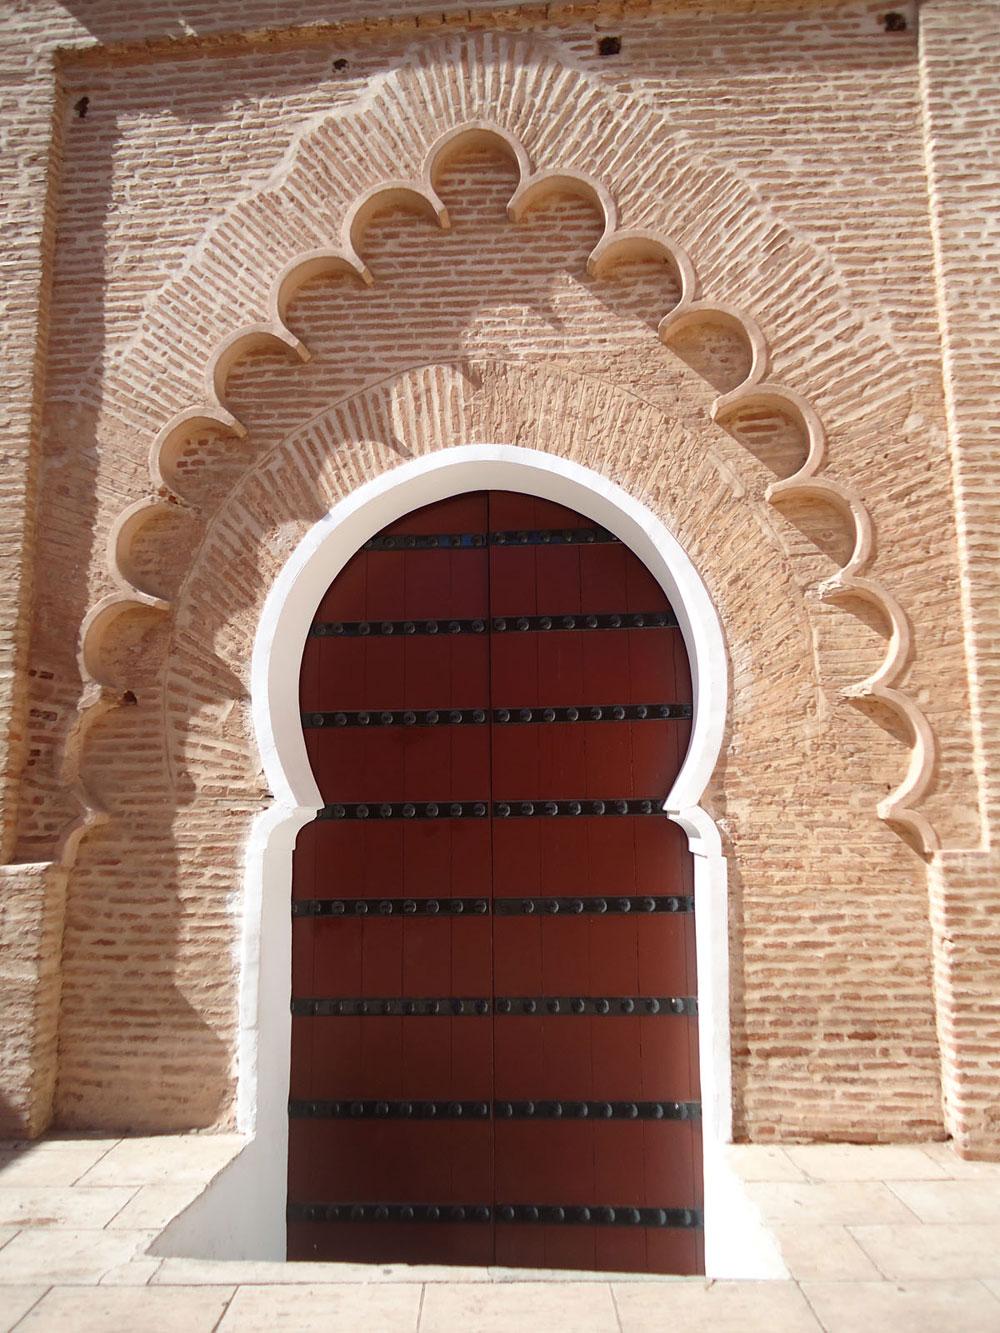 Ulazna vrata su zatvorena površinom koja je napravljena od drveta